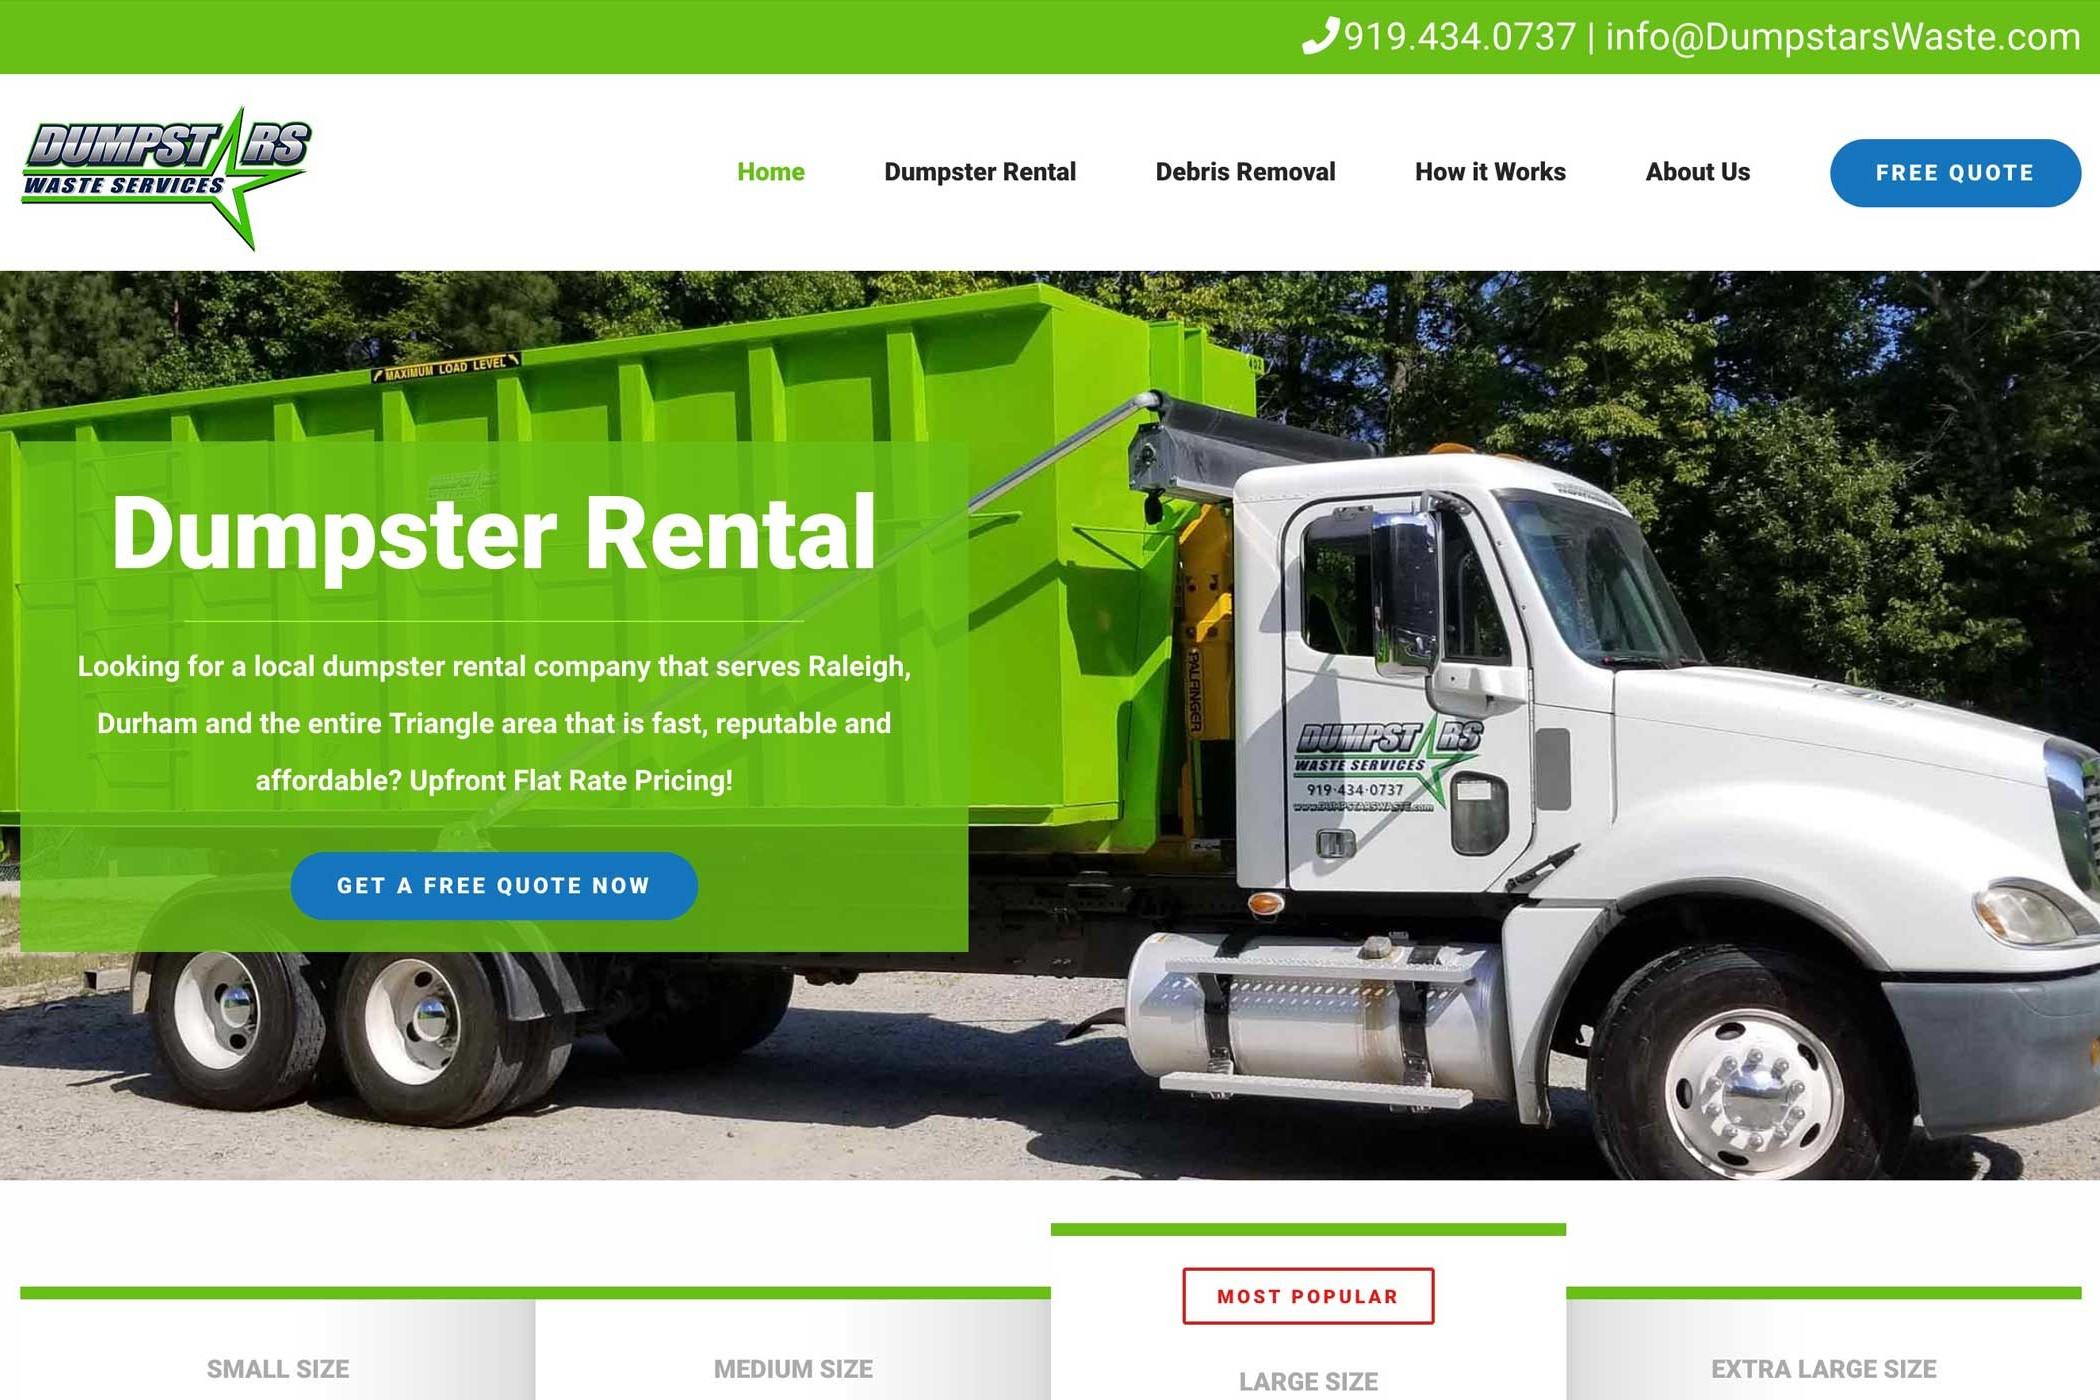 Dumpstar Waste